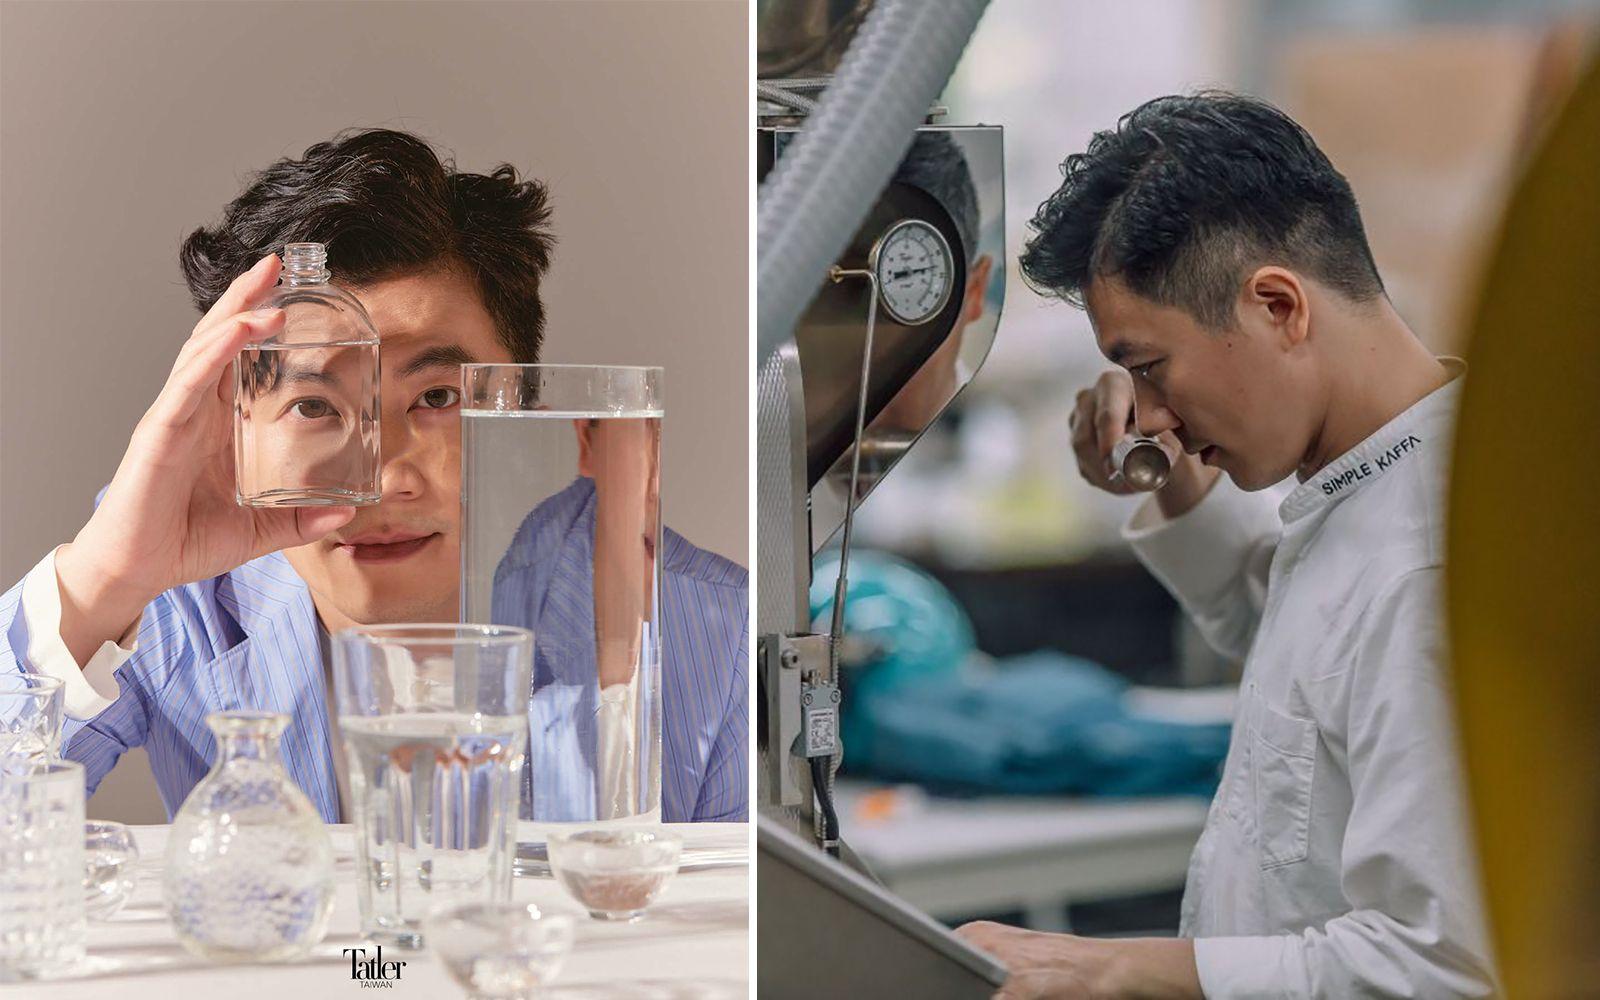 【2021亞洲餐飲影響力人士】世界冠軍咖啡師 興波咖啡吳則霖,用一杯世界級的咖啡讓世界看見台灣!